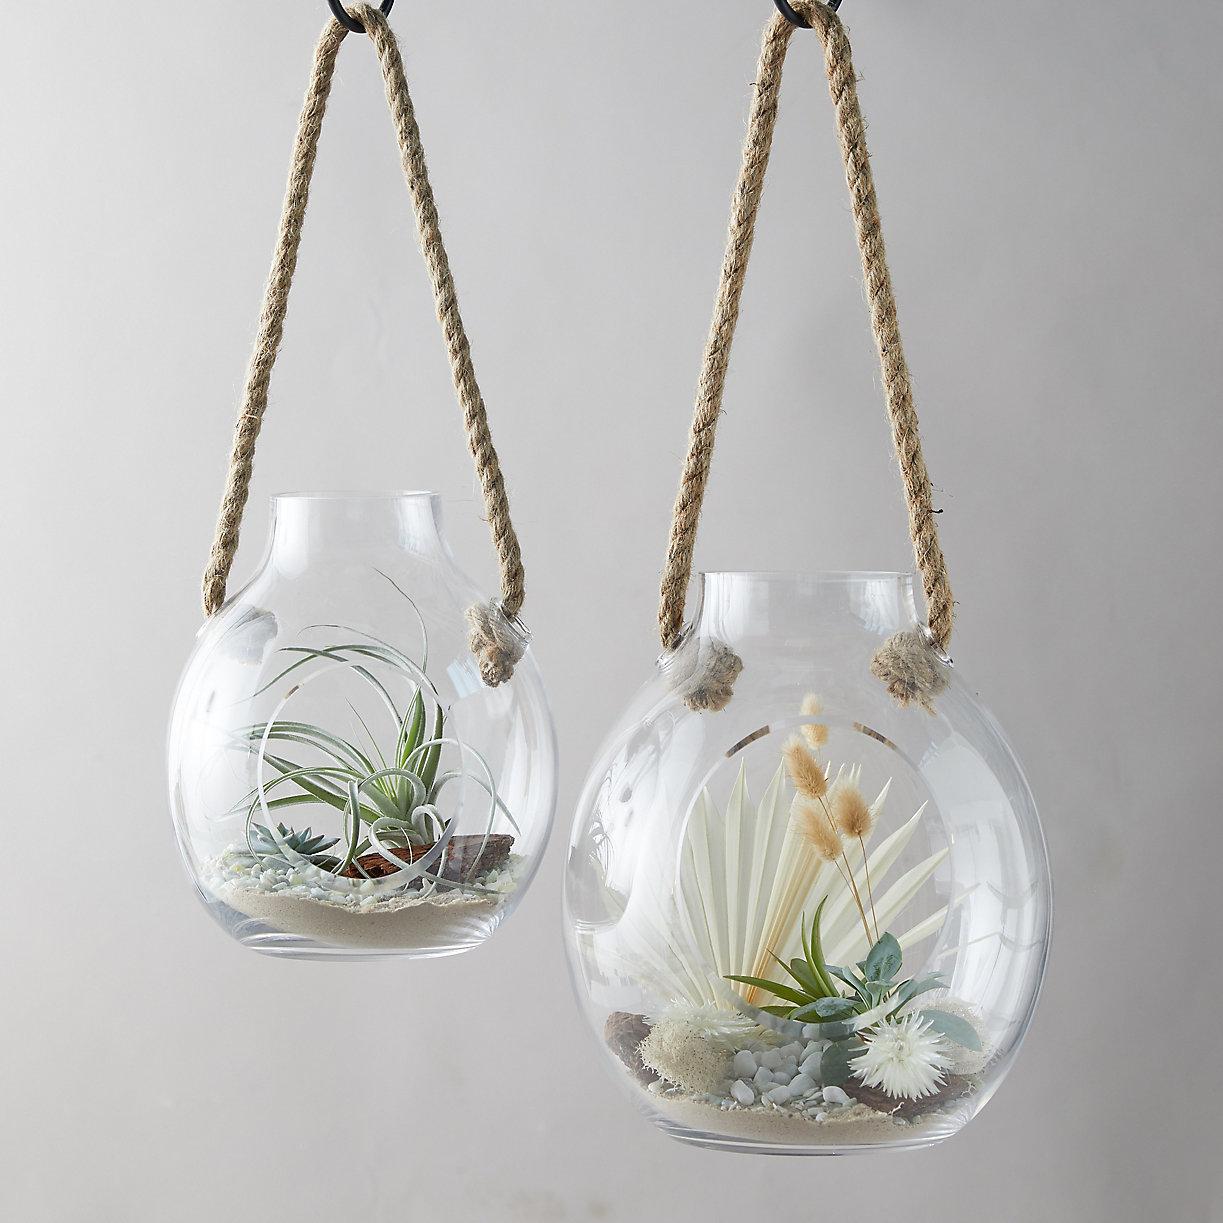 Hanging Round Terrarium